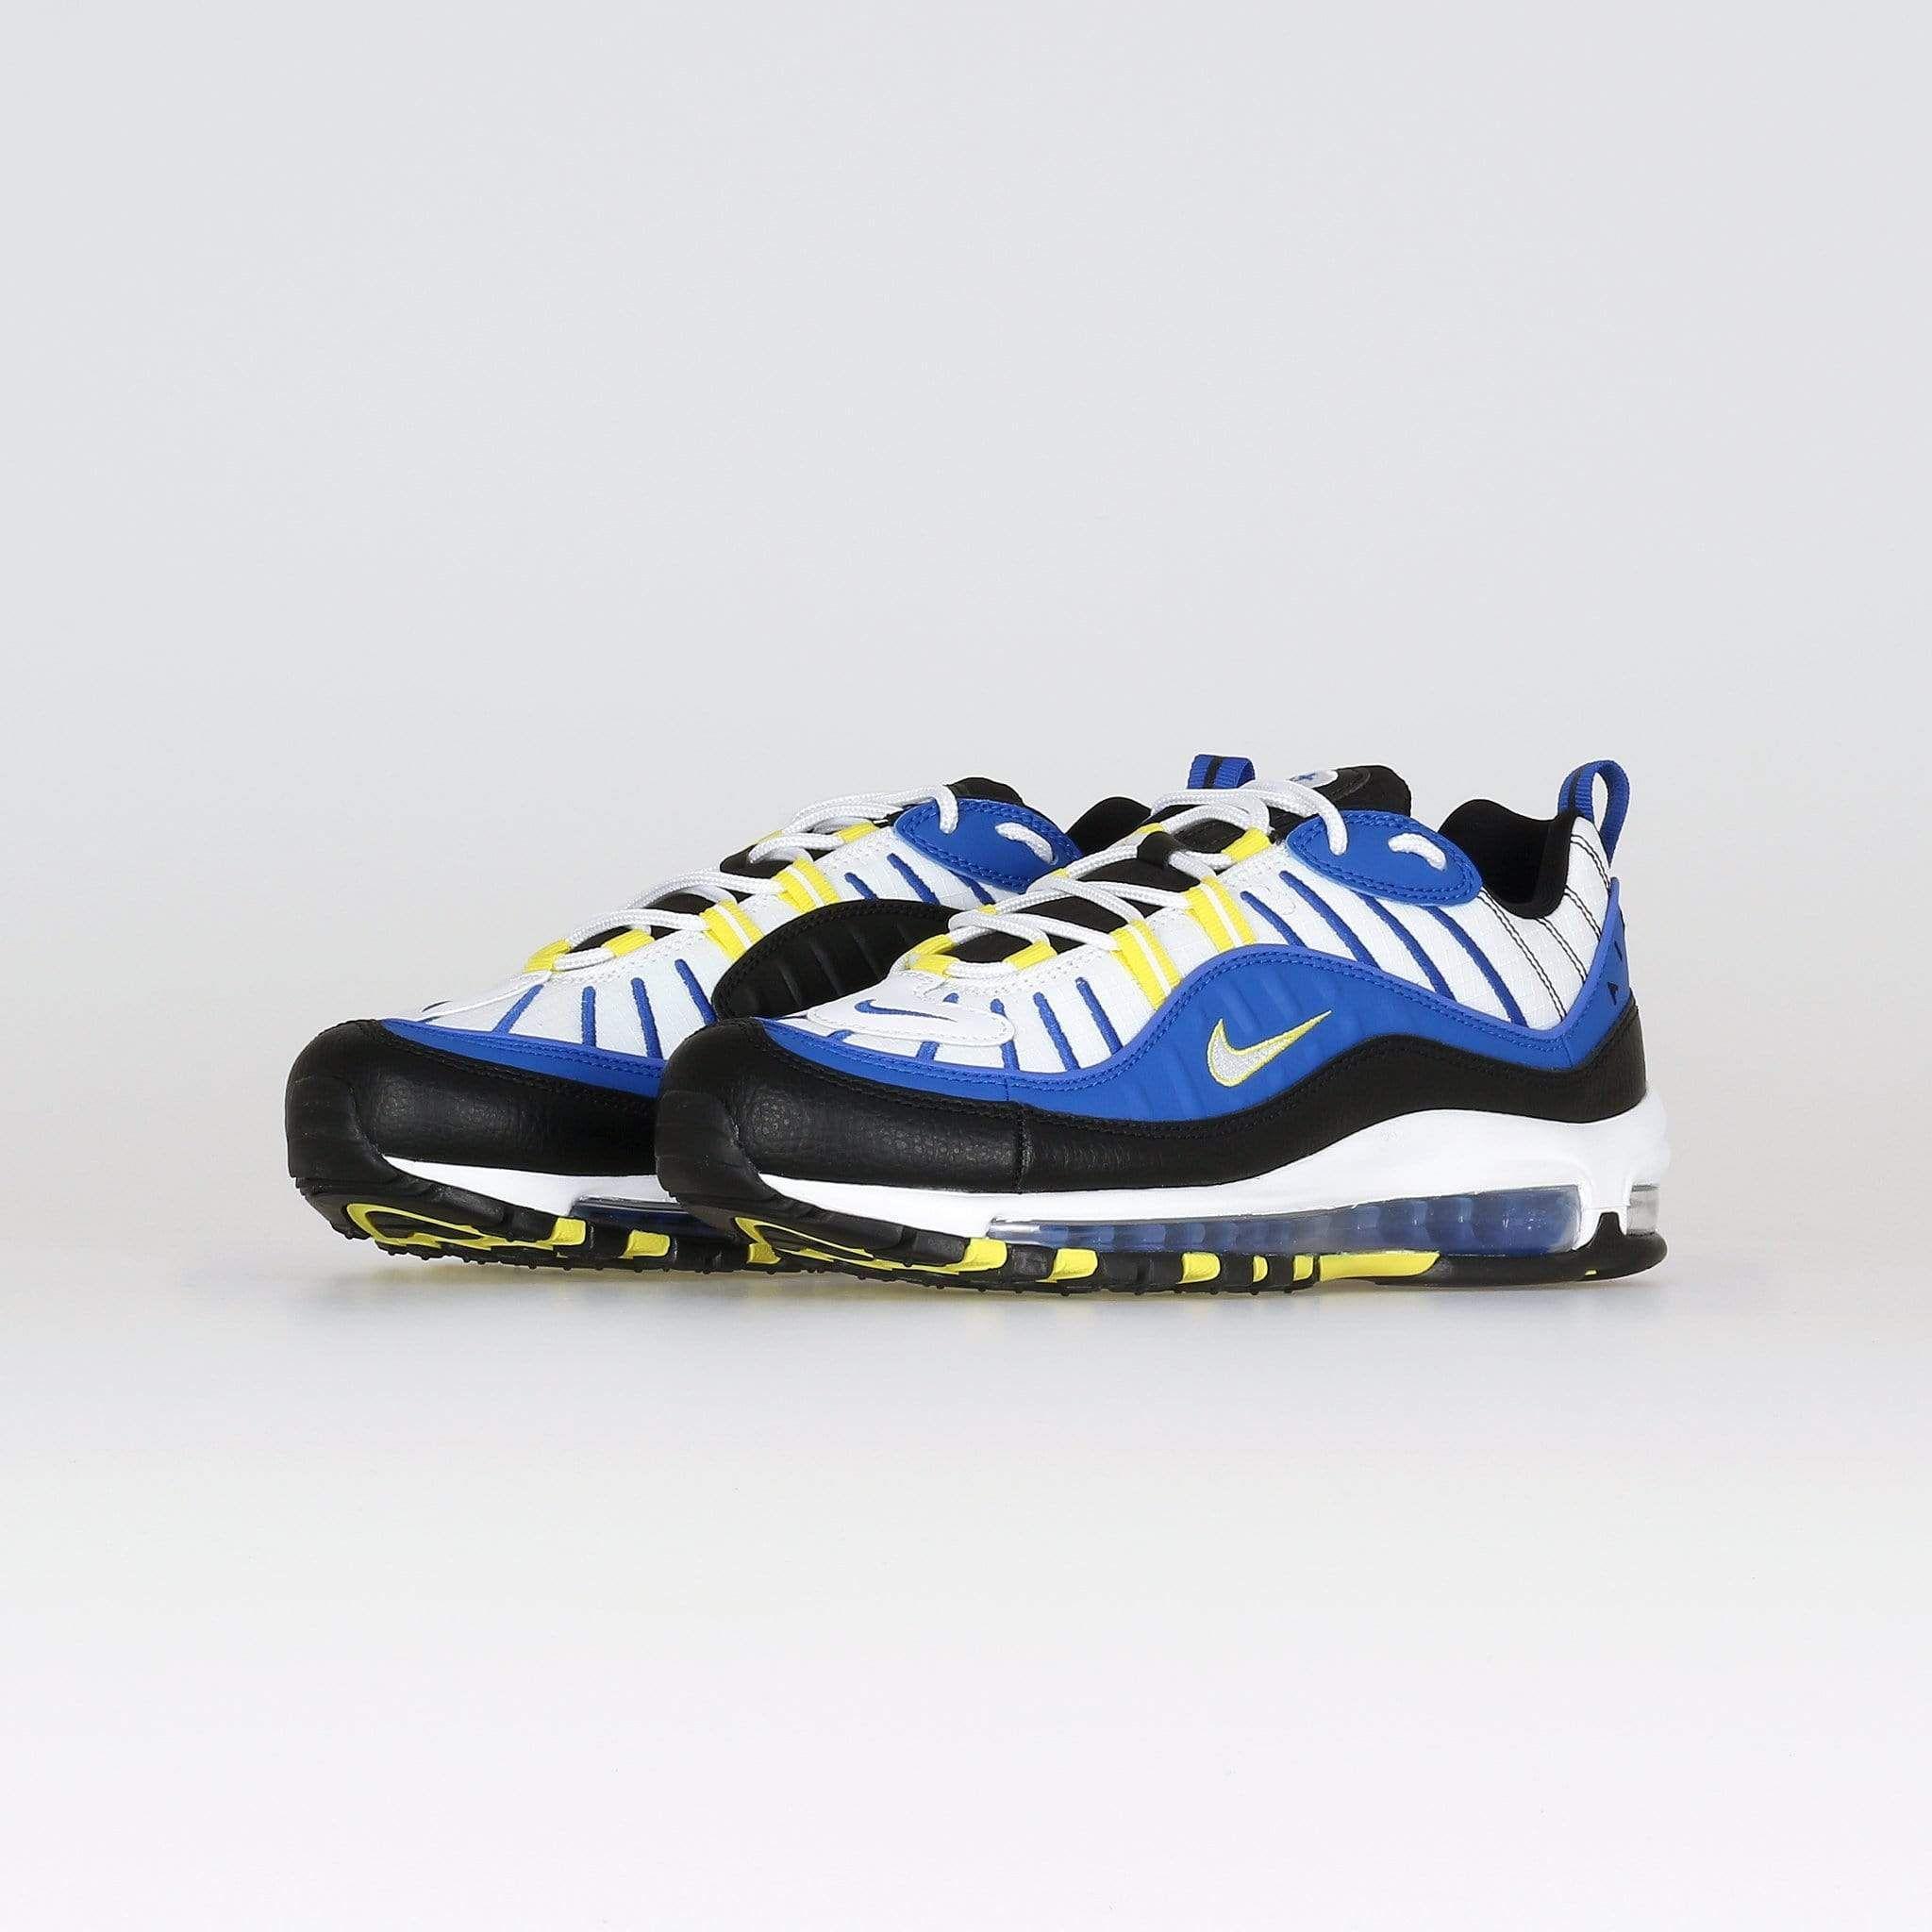 nike air max 98 'entourage' - racer blue / white